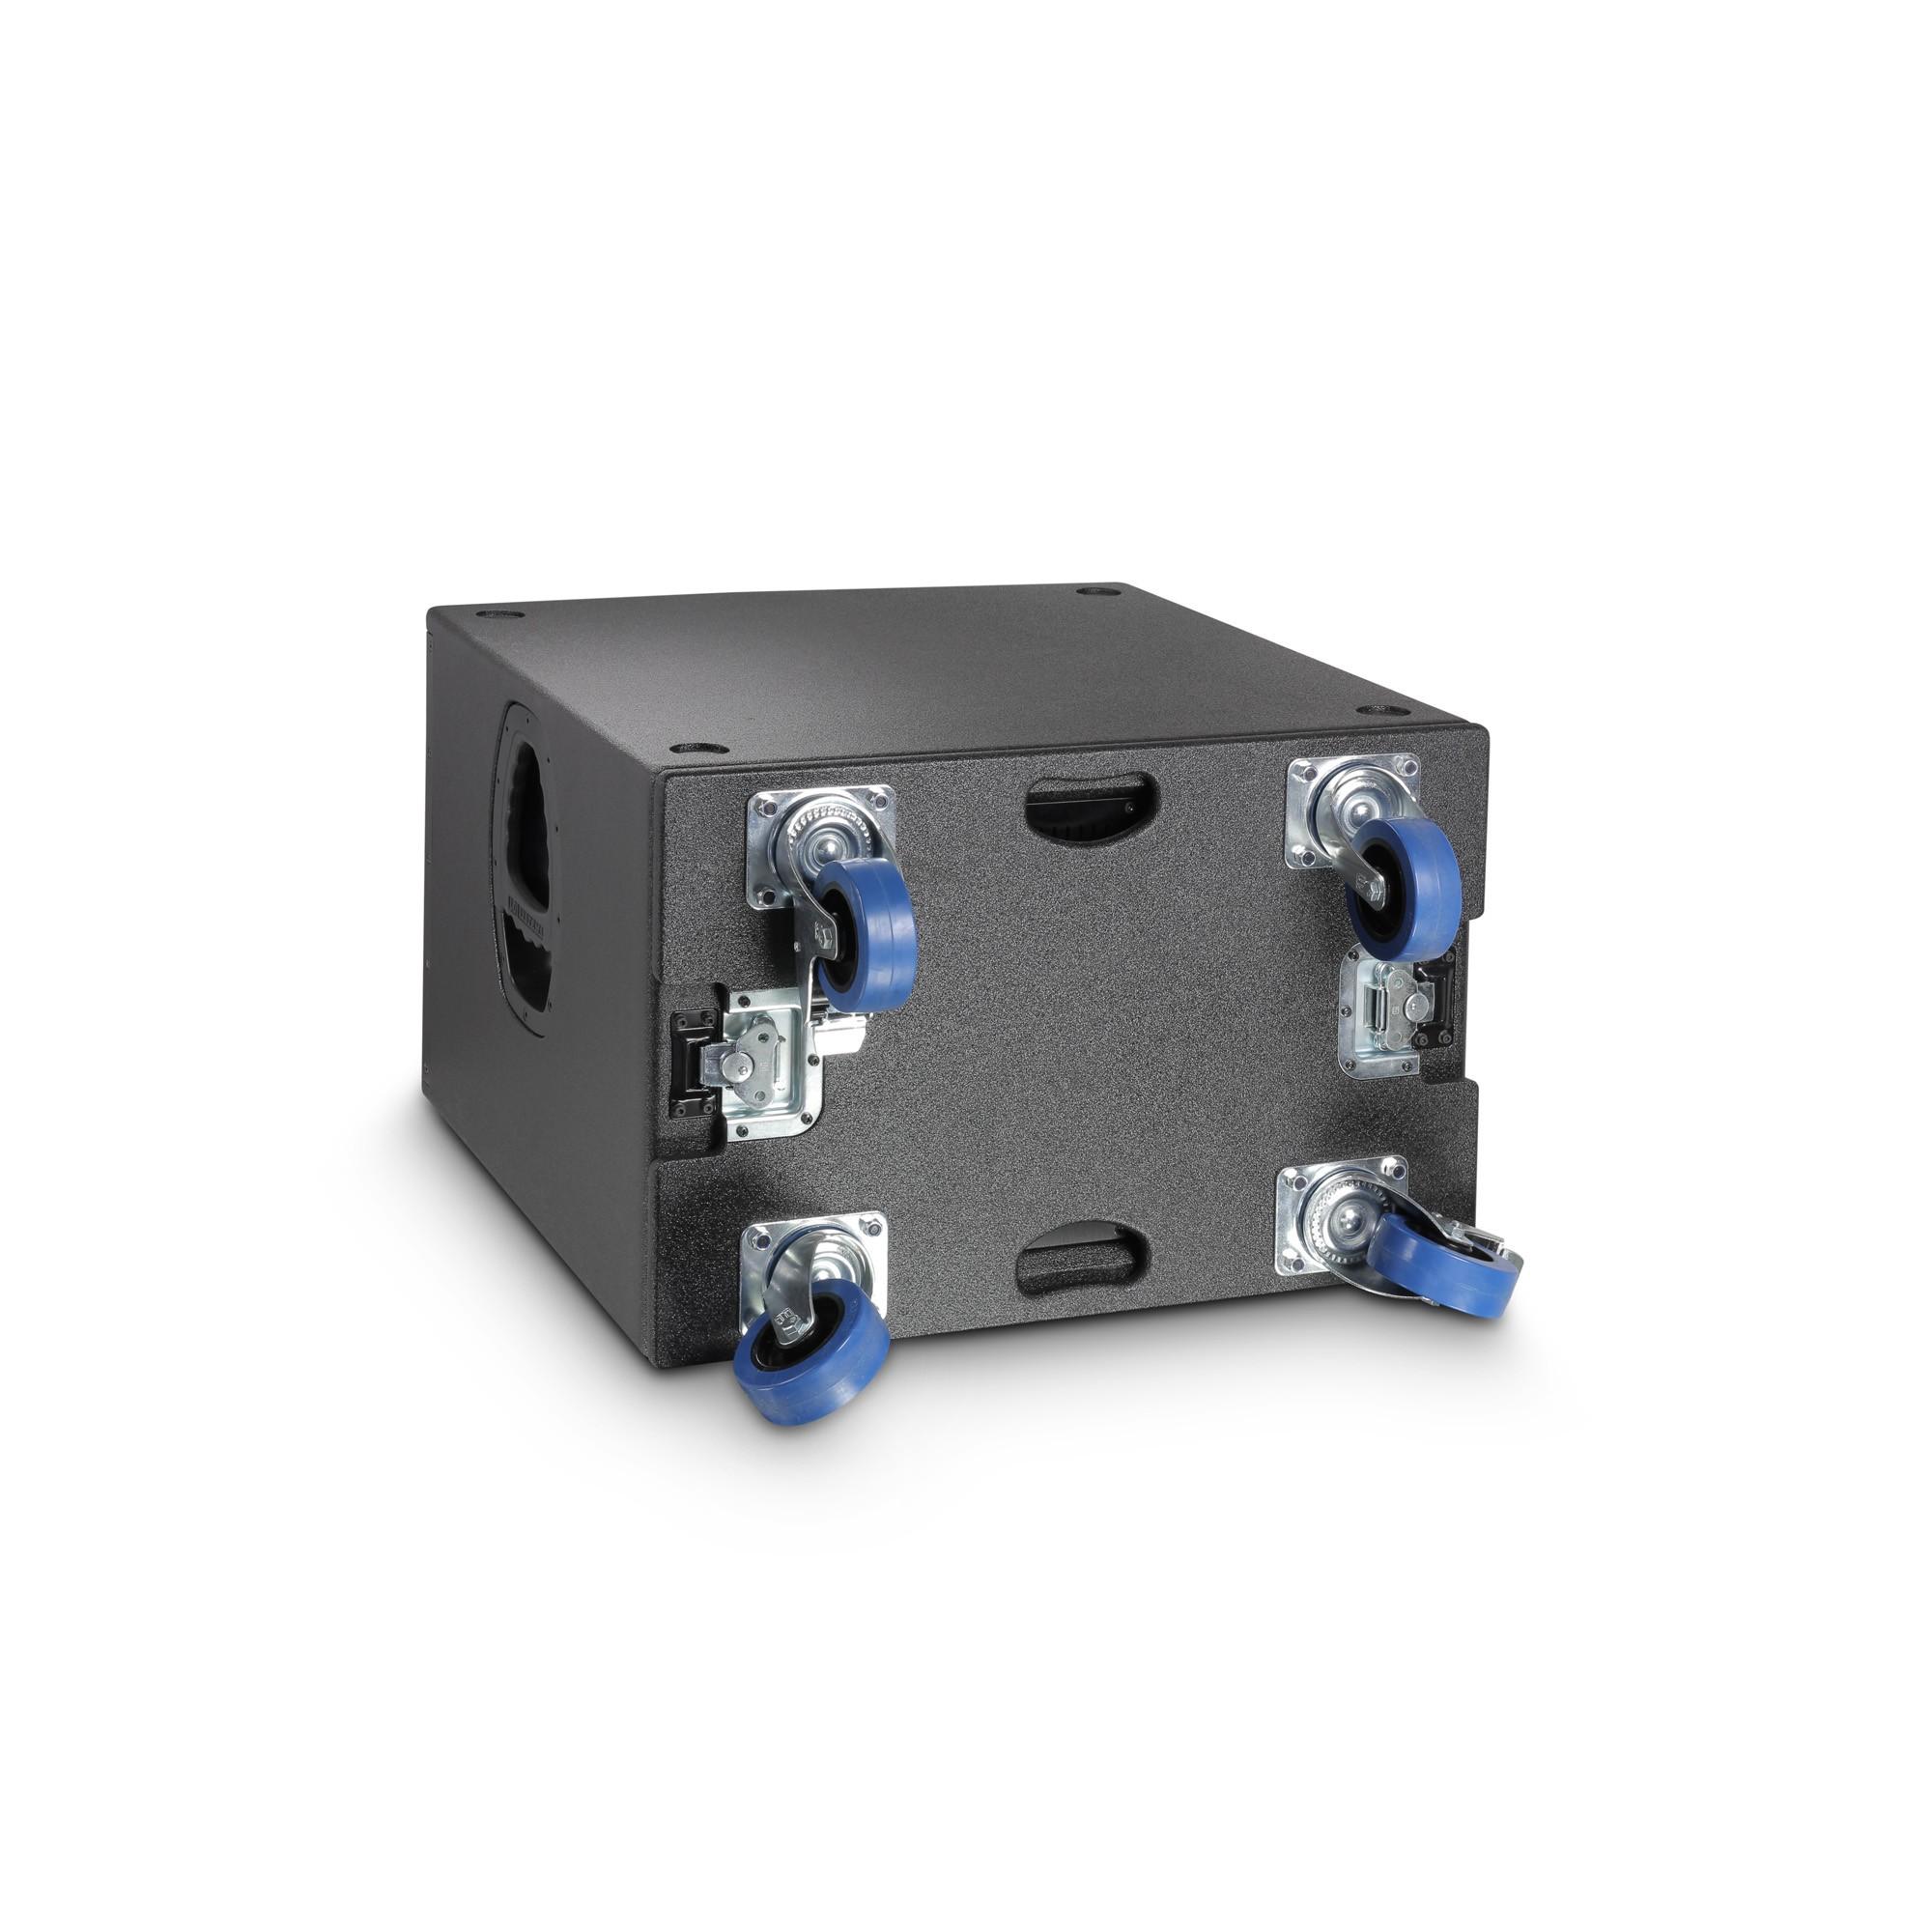 MAUI 44 CB Rollenbrett für LD MAUI 44 Säulen PA System aktiv